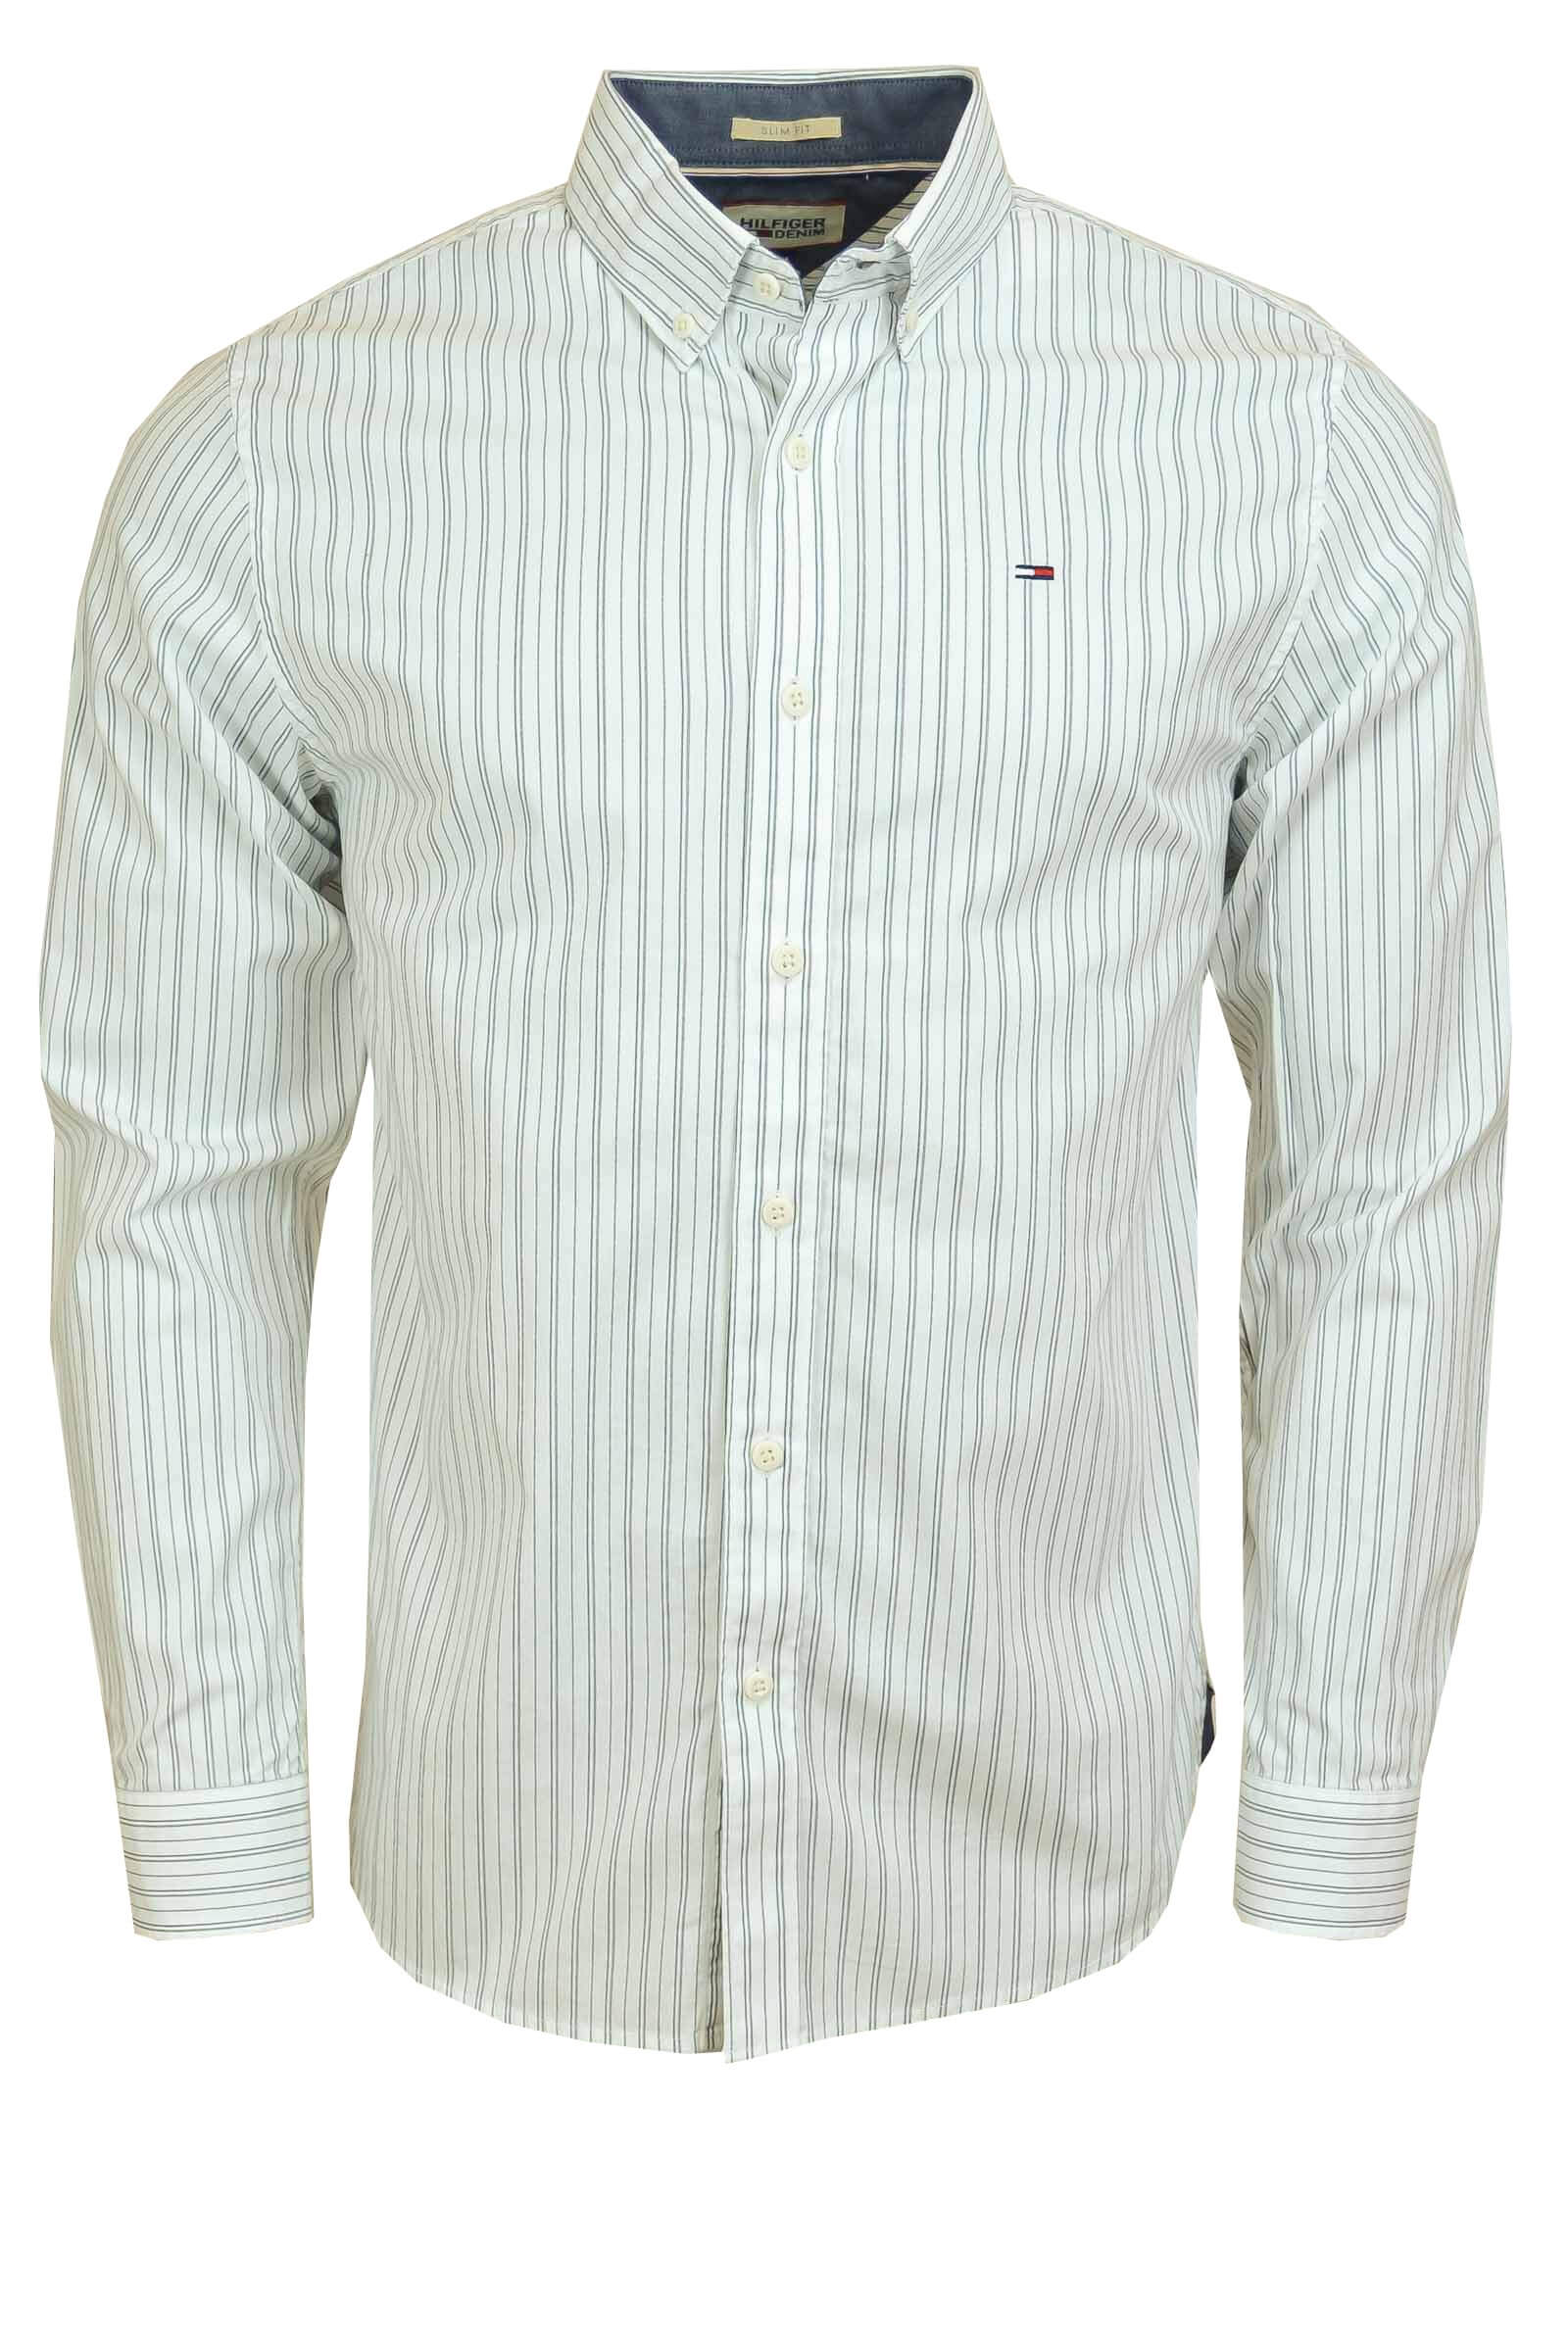 Chemise Tommy Hilfiger: une chemise de qualité?